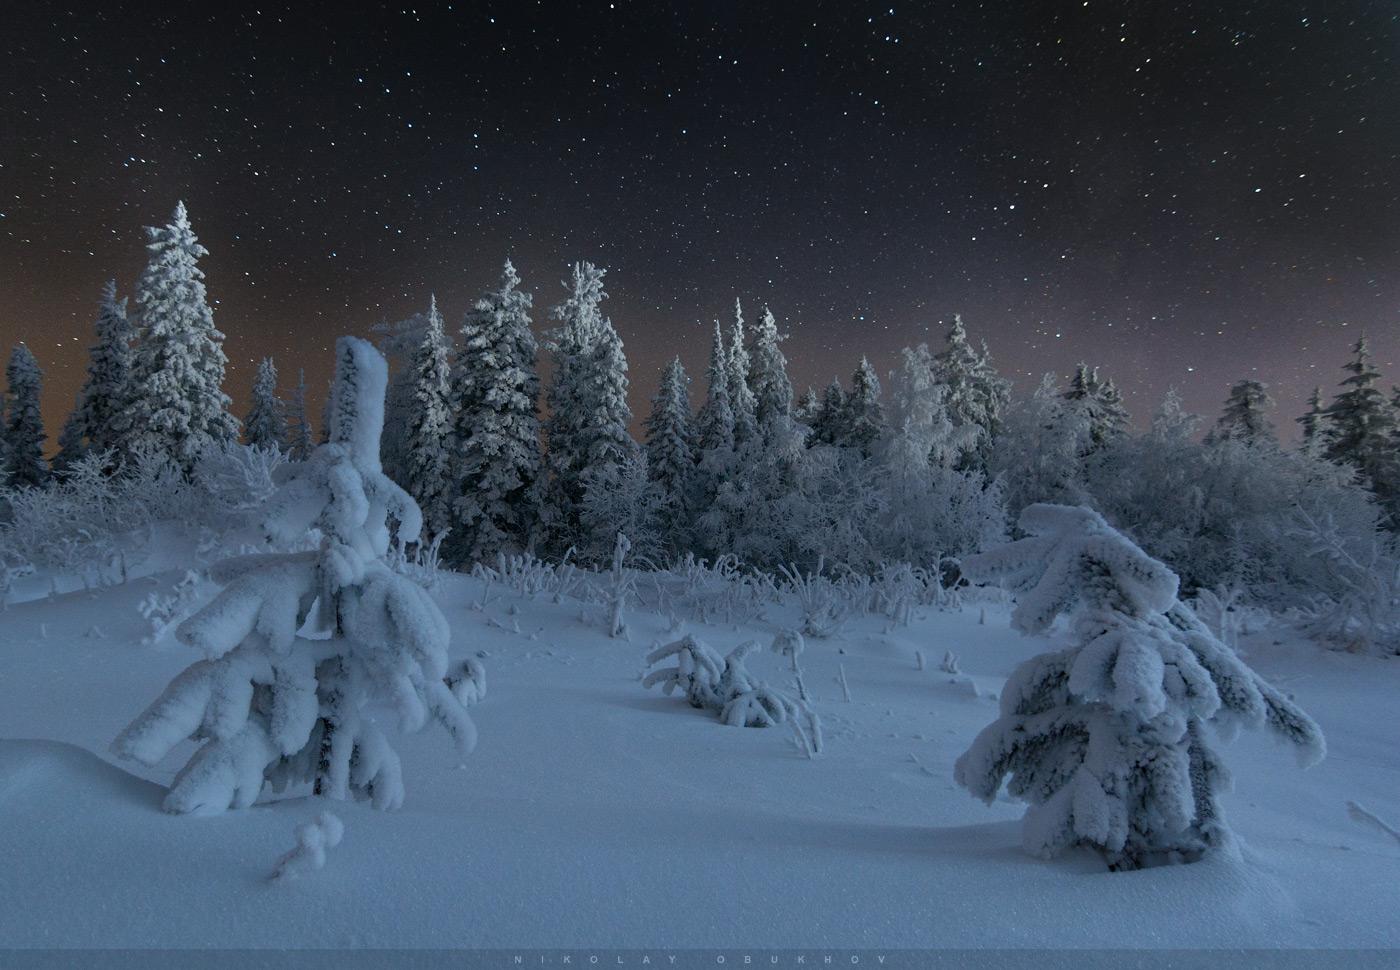 Фотография 3. Пример съемки зимнего пейзажа со звездами. Камера Nikon D7100 с объективом Tokina AT-X 116 PRO DX-II 11-16mm f/2.8. Небо: 12 mm, ISO 2500, f/2.8, 20 s, 1 кадр. Земля: 12 mm, ISO 640, f/2.8, 70 s, 1 кадр.